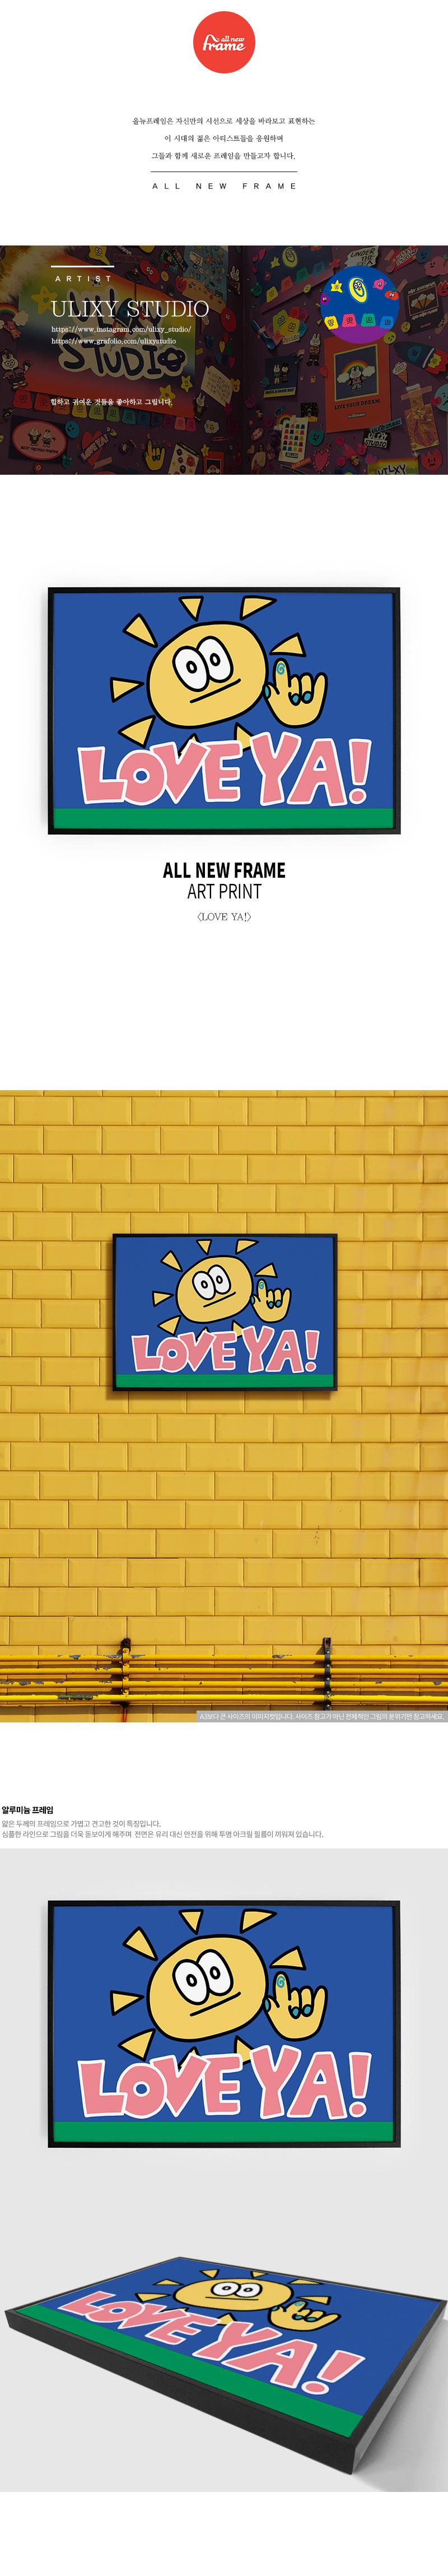 LOVE YA- 일러스트 액자 - 올뉴프레임, 55,000원, 홈갤러리, 캔버스아트